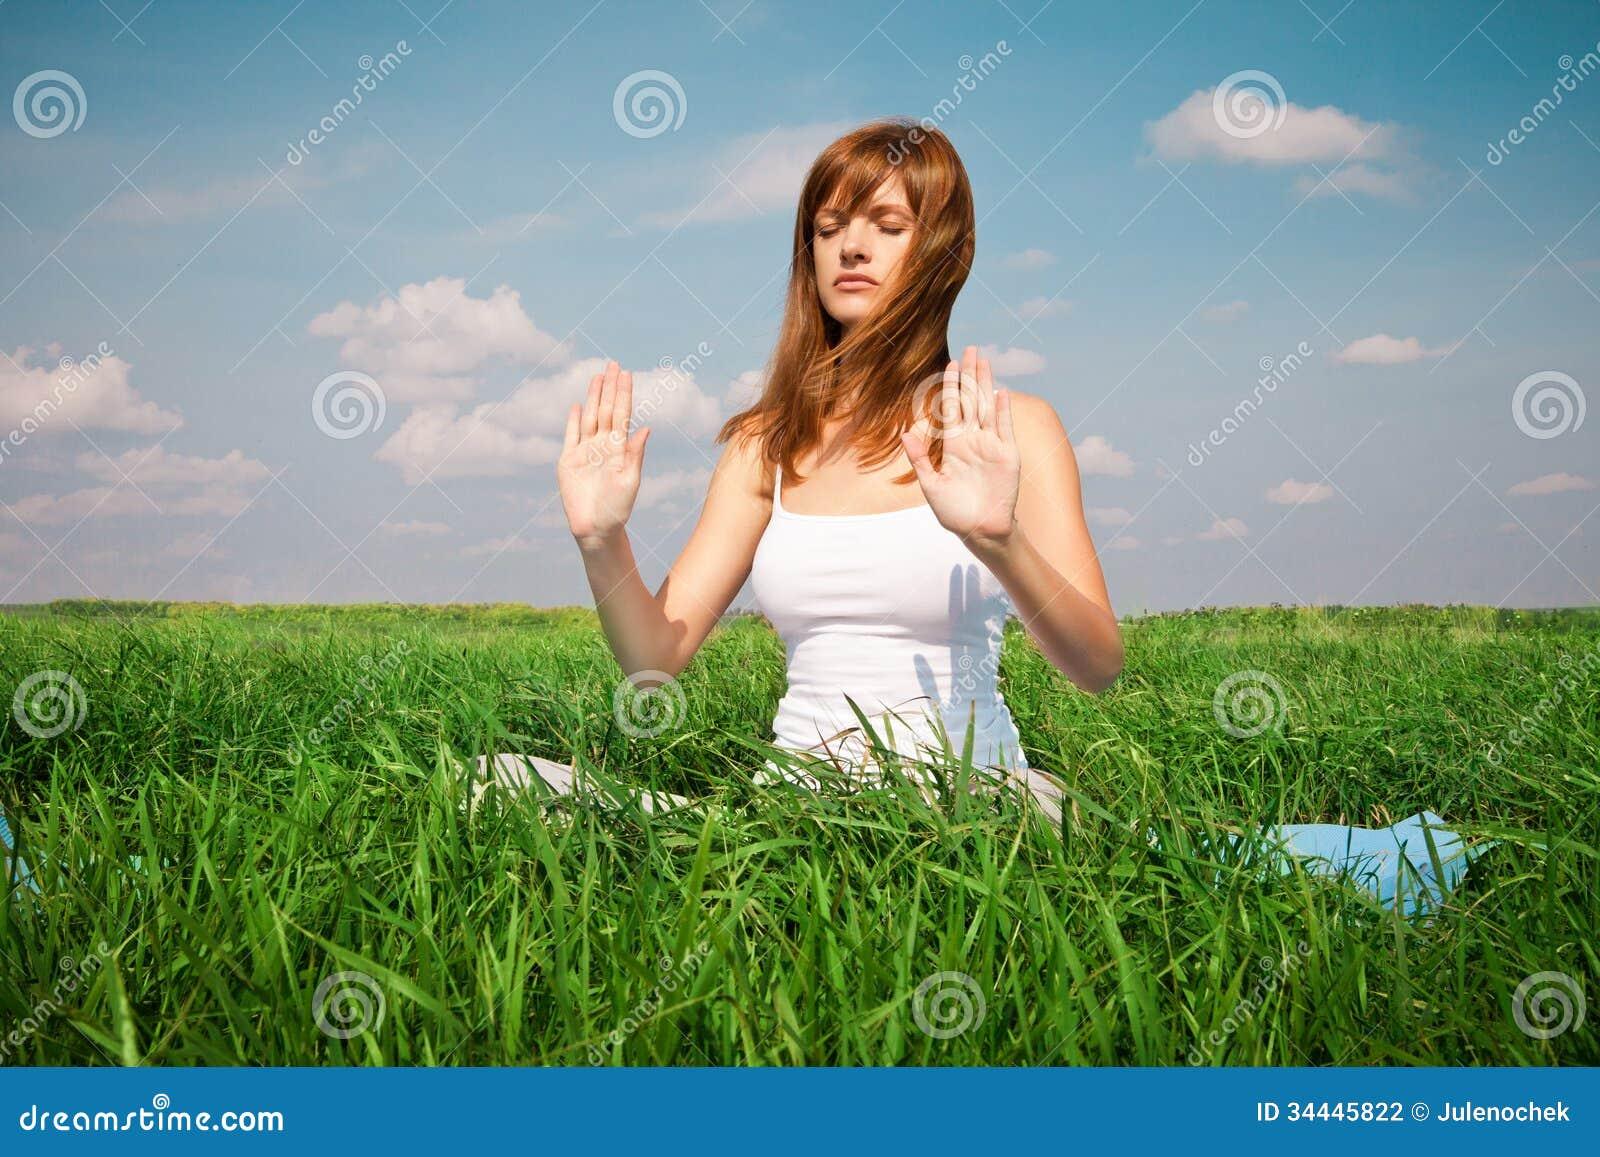 做瑜伽(蓮花姿勢)的女孩在公園圖片